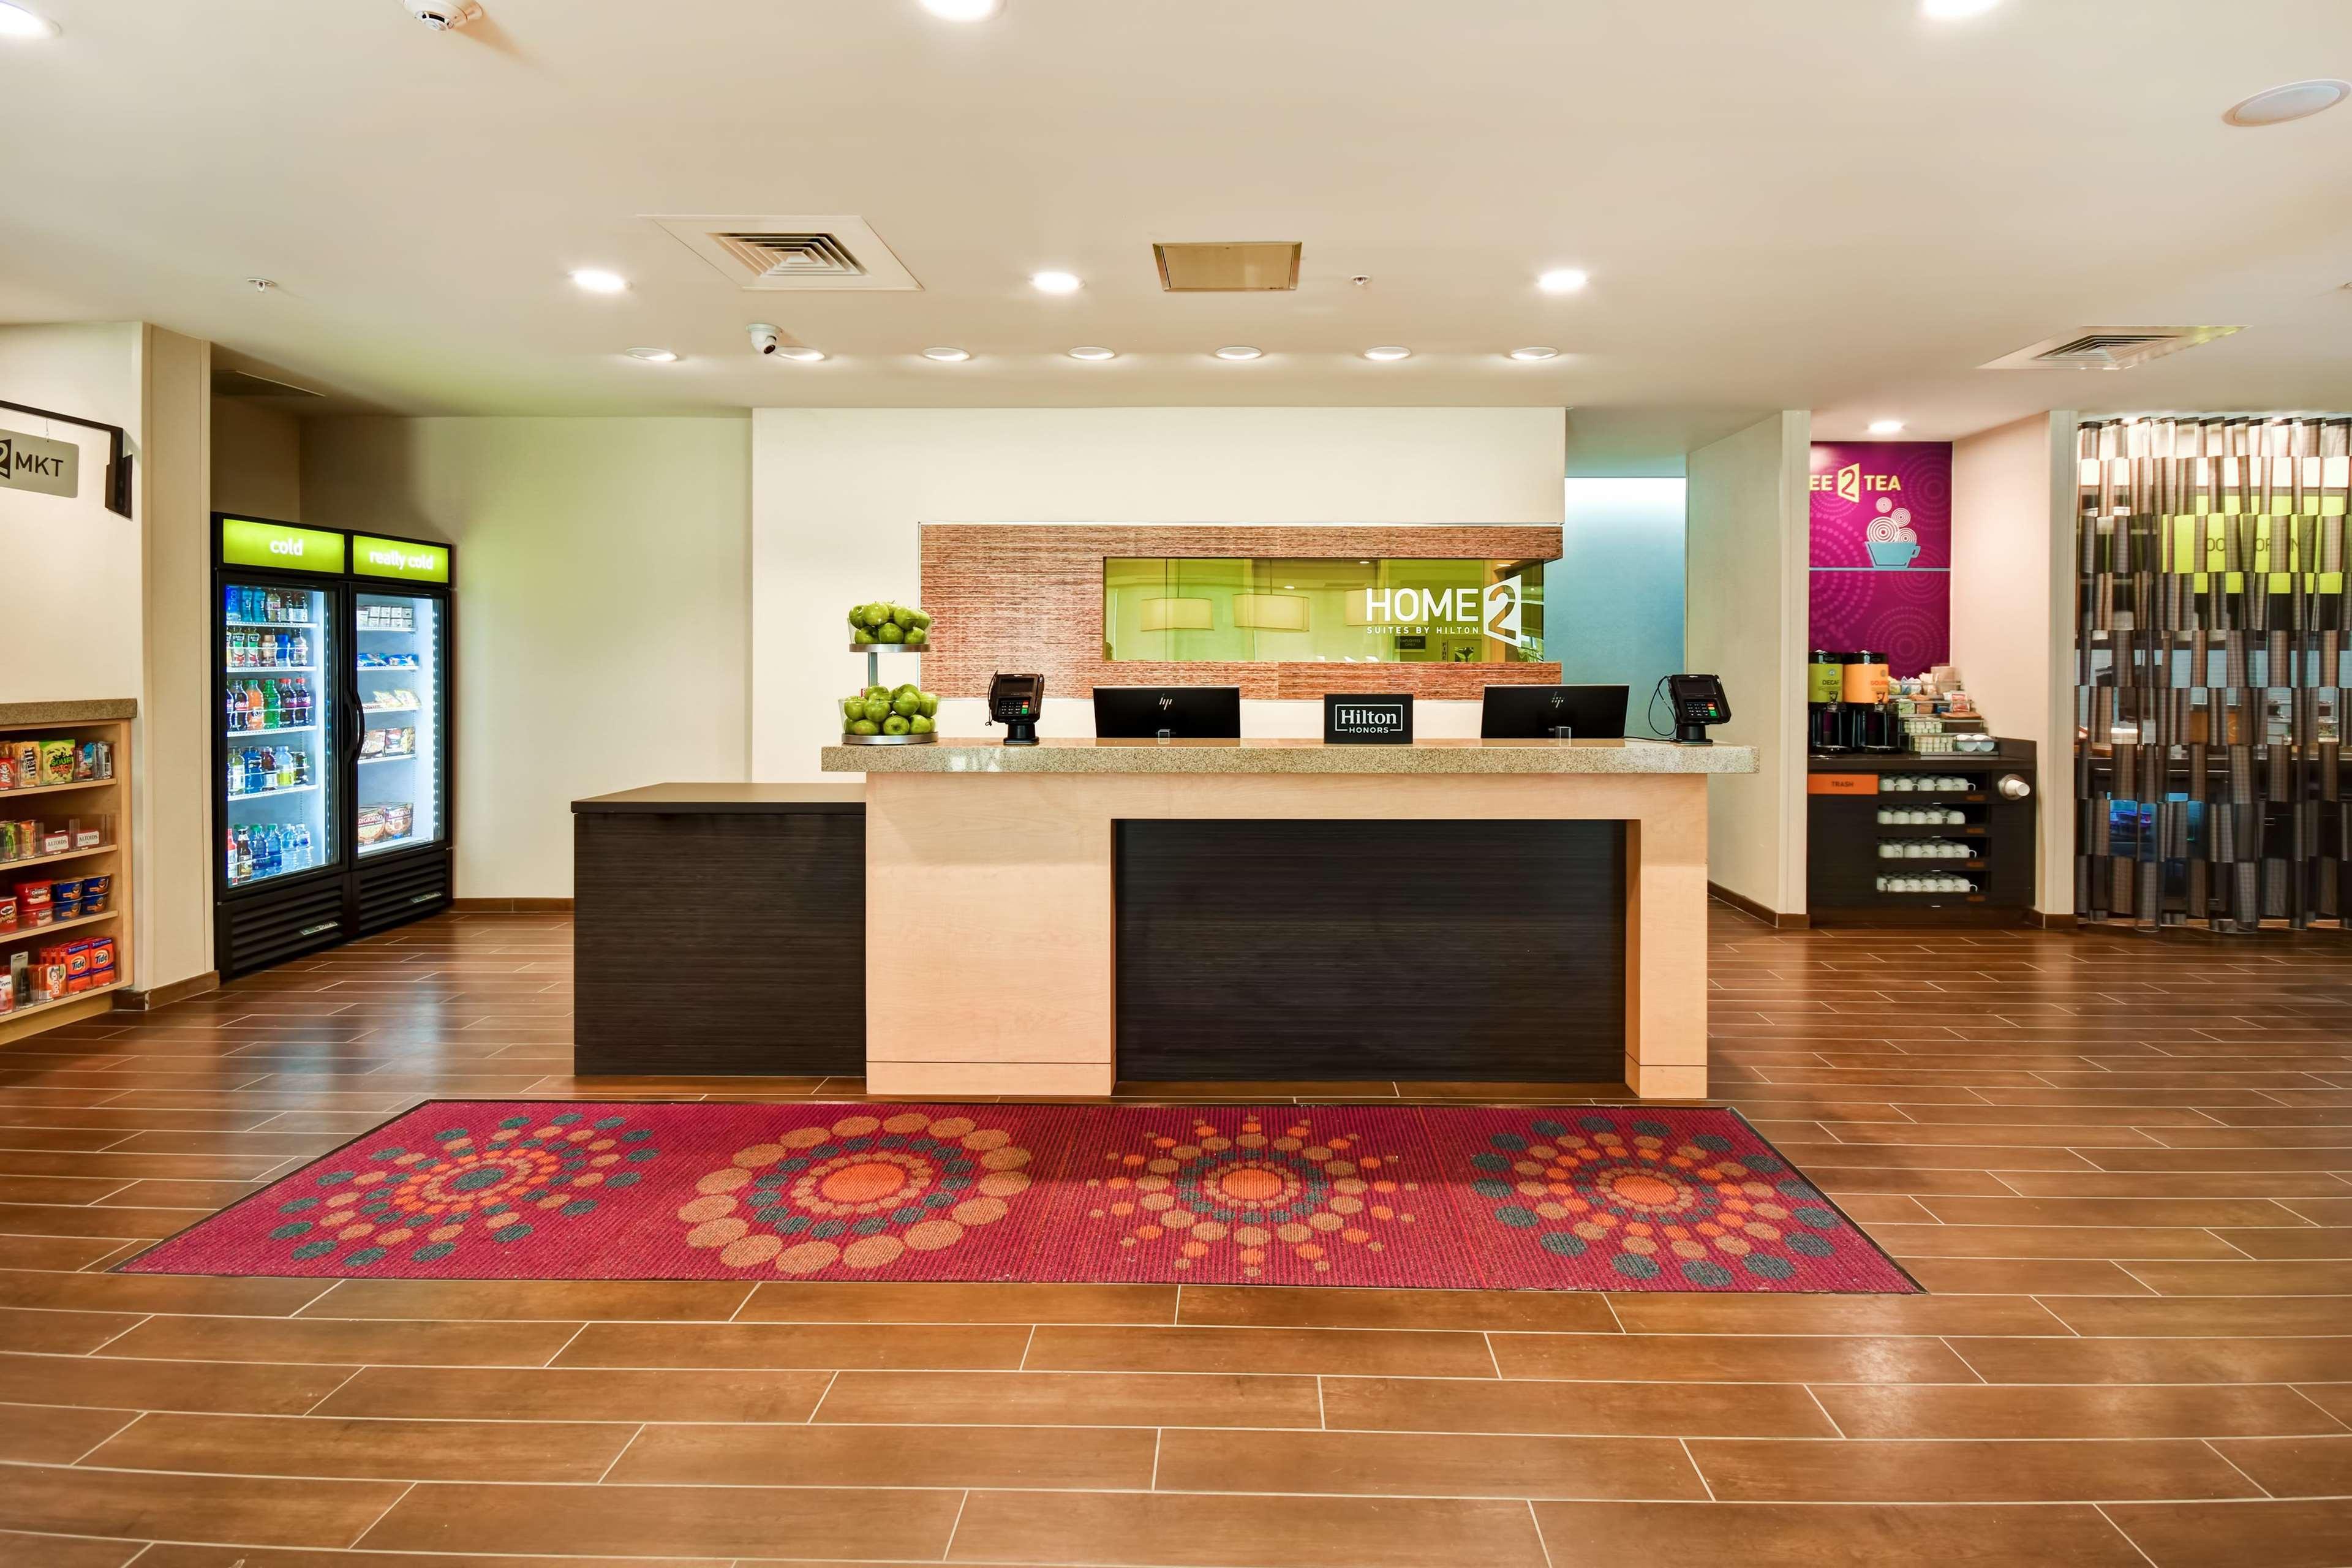 Home2 Suites by Hilton Smyrna Nashville image 9